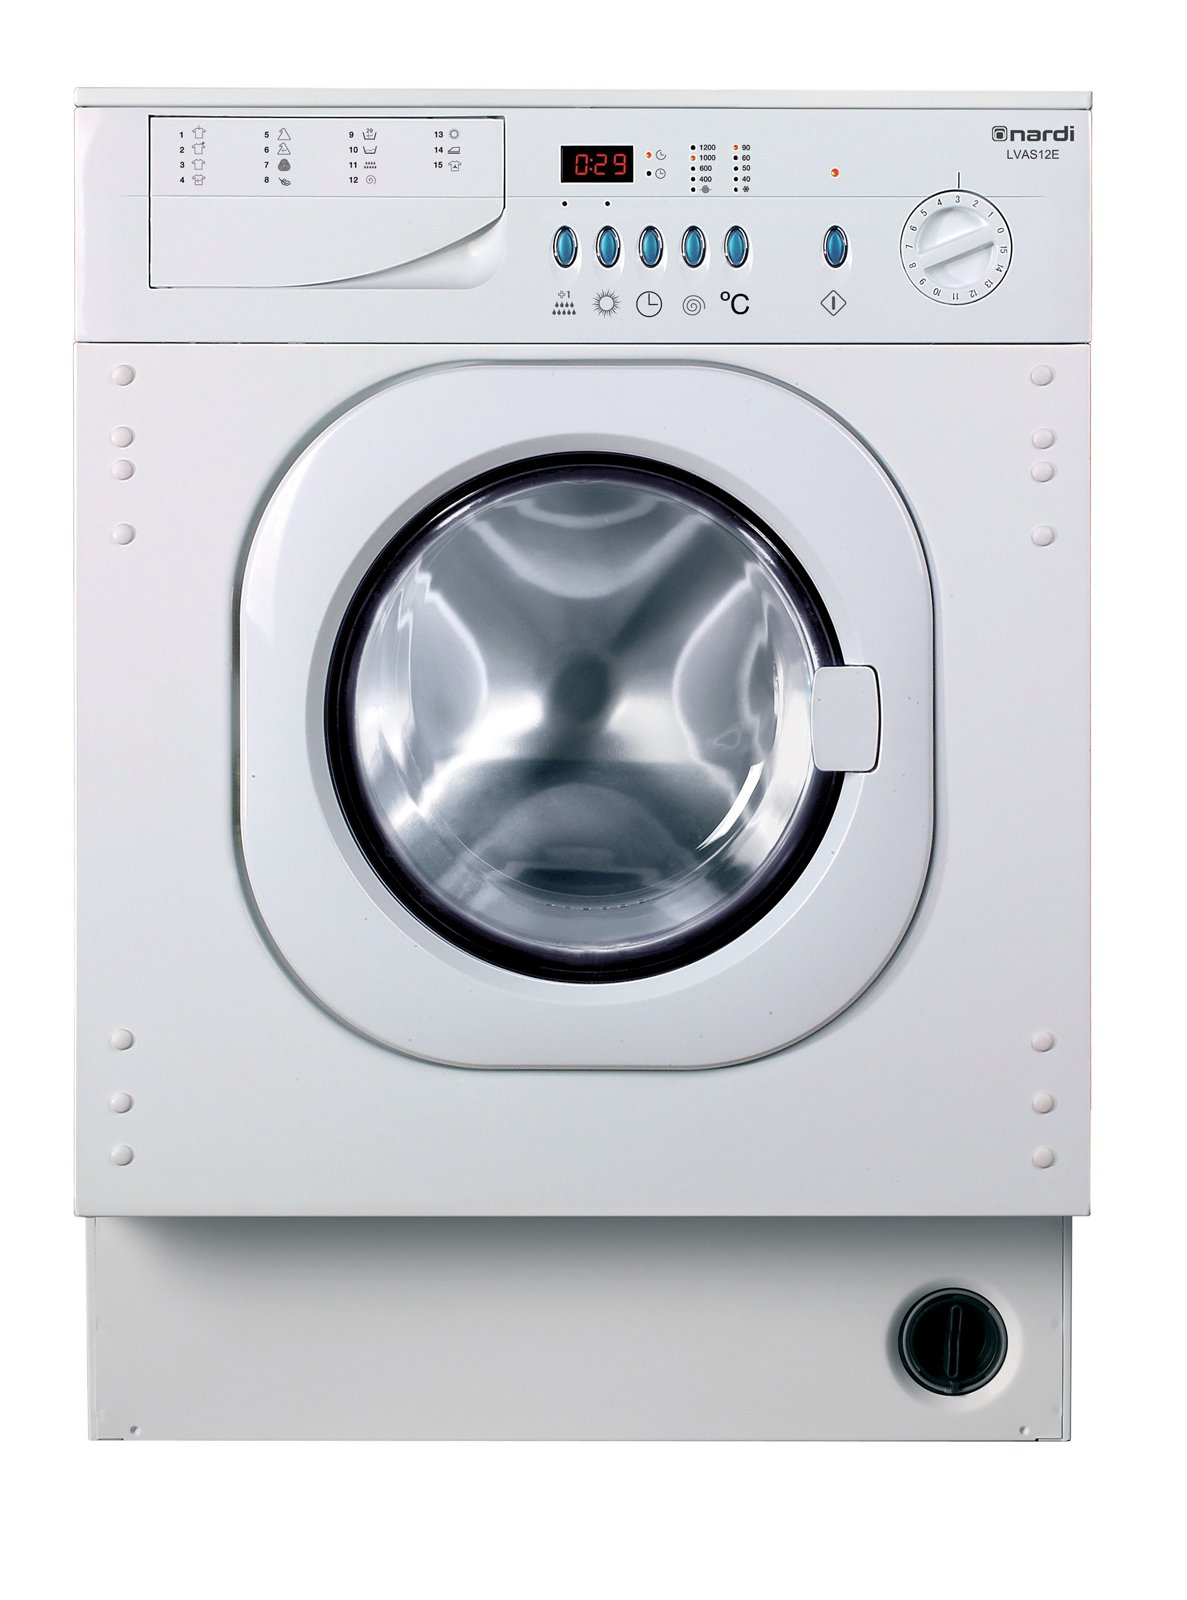 Lavatrici il modello giusto per ogni esigenza cose di casa for Lavasciuga 45 cm